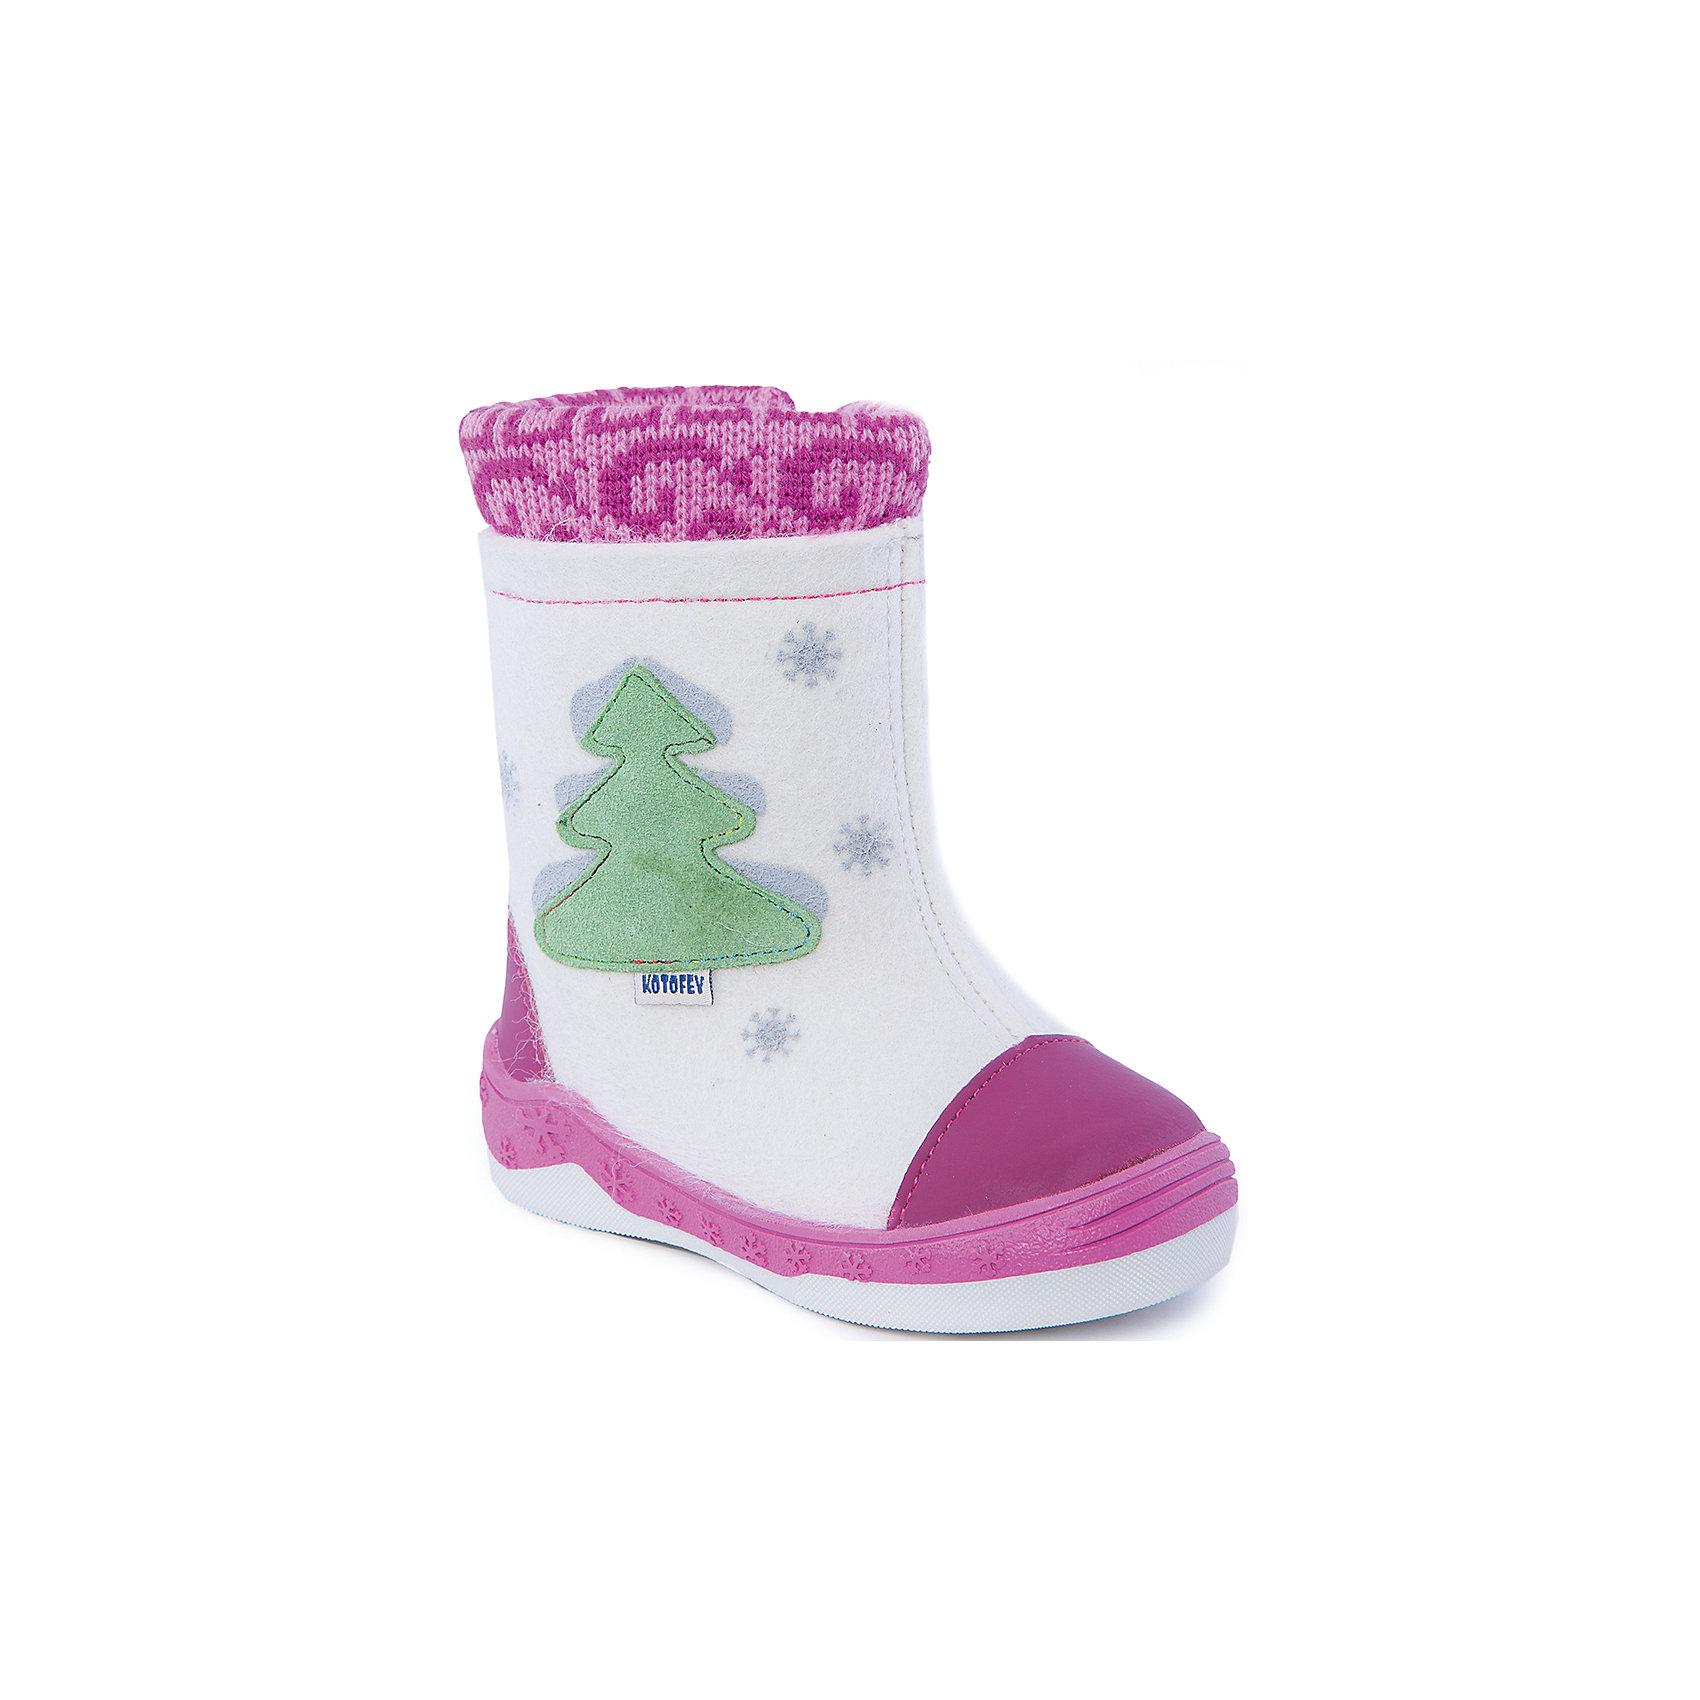 Валенки для девочки КотофейВаленки для девочки  от известного российского бренда Котофей<br><br>Модные и удобные валенки помогут защитить детские ножки от сырости и холода. Они легко надеваются, комфортно садятся по ноге.<br><br>Особенности модели: <br><br>- цвет - белый, розовый;<br>- аппликация - ёлка;<br>- защита пятки и пальцев;<br>- удобная колодка;<br>- подкладка утепленная;<br>- вид крепления – клеевой;<br>- амортизирующая подошва;<br>- застежка - молния.<br><br>Дополнительная информация:<br><br>Температурный режим: <br><br>от 0° С до -25° С<br><br>Состав:<br>верх – войлок;<br>подкладка - шерстяной мех;<br>подошва - ТЭП.<br><br>Валенки для девочки Котофей можно купить в нашем магазине.<br><br>Ширина мм: 257<br>Глубина мм: 180<br>Высота мм: 130<br>Вес г: 420<br>Цвет: белый<br>Возраст от месяцев: 18<br>Возраст до месяцев: 21<br>Пол: Женский<br>Возраст: Детский<br>Размер: 23,25,26,24<br>SKU: 4315278